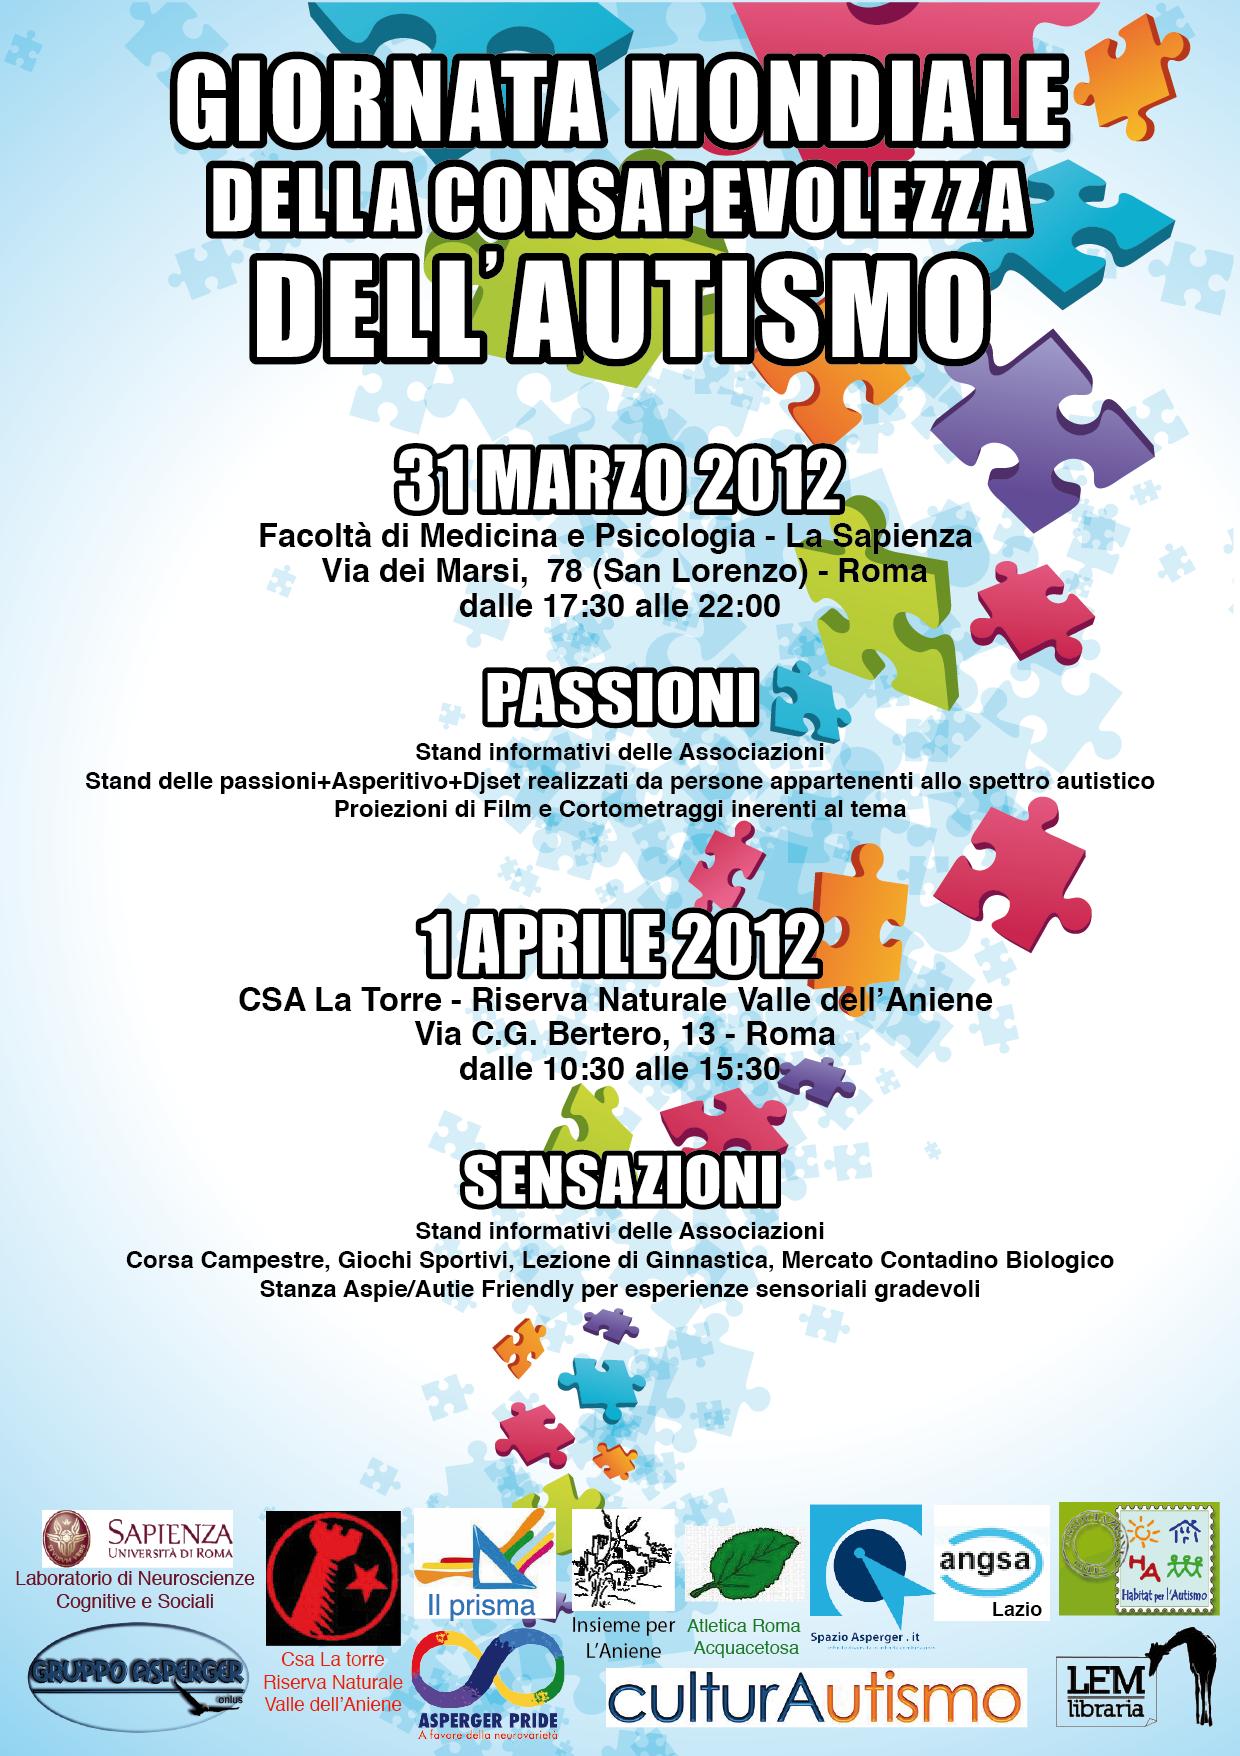 DOMENICA 1 APRILE 2012 GIORNATA MONDIALE DELLA CONSAPEVOLEZZA DELL'AUTISMO